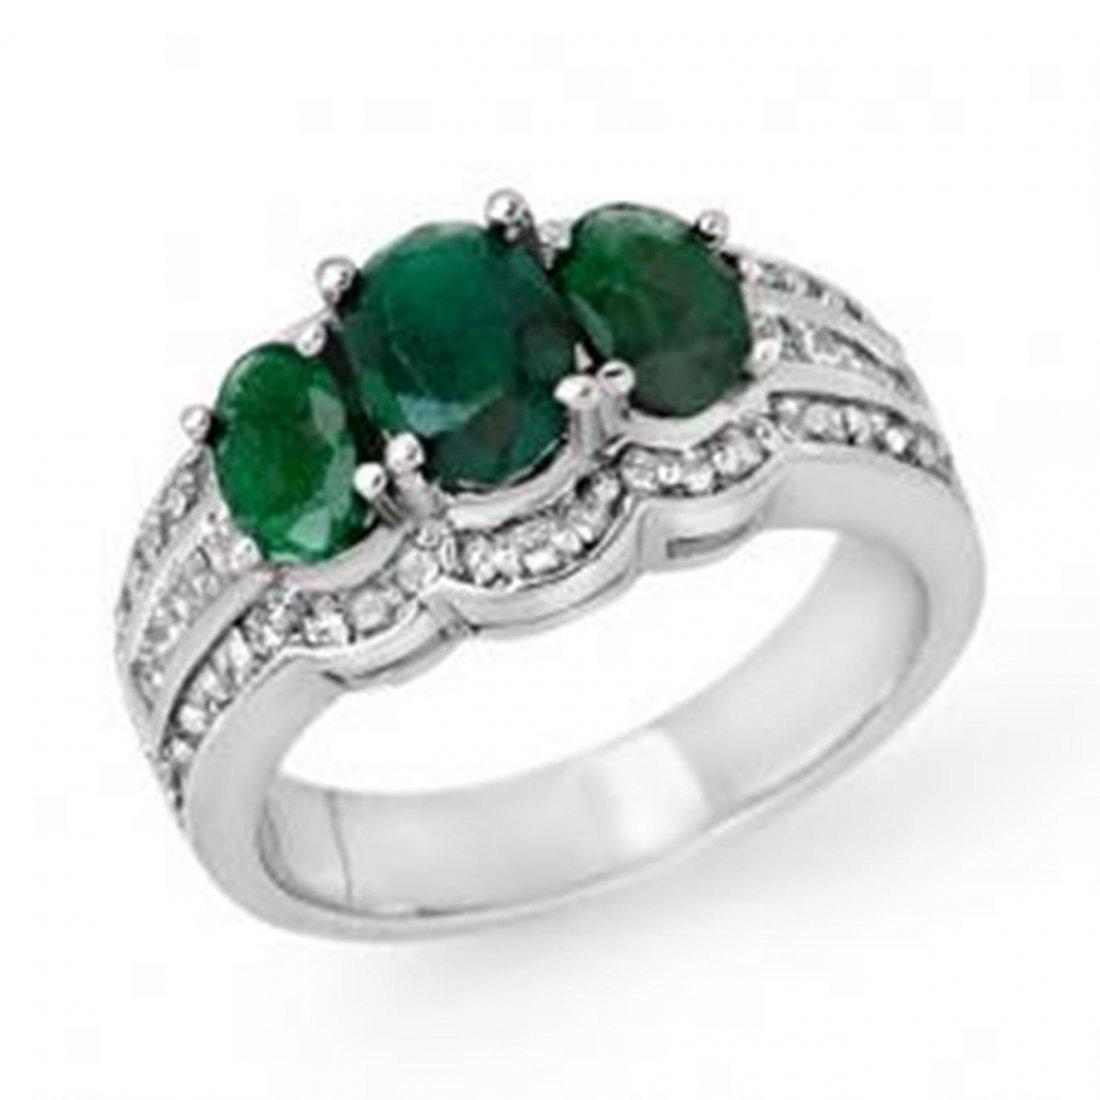 3.5 ctw Emerald & Diamond Ring 14K